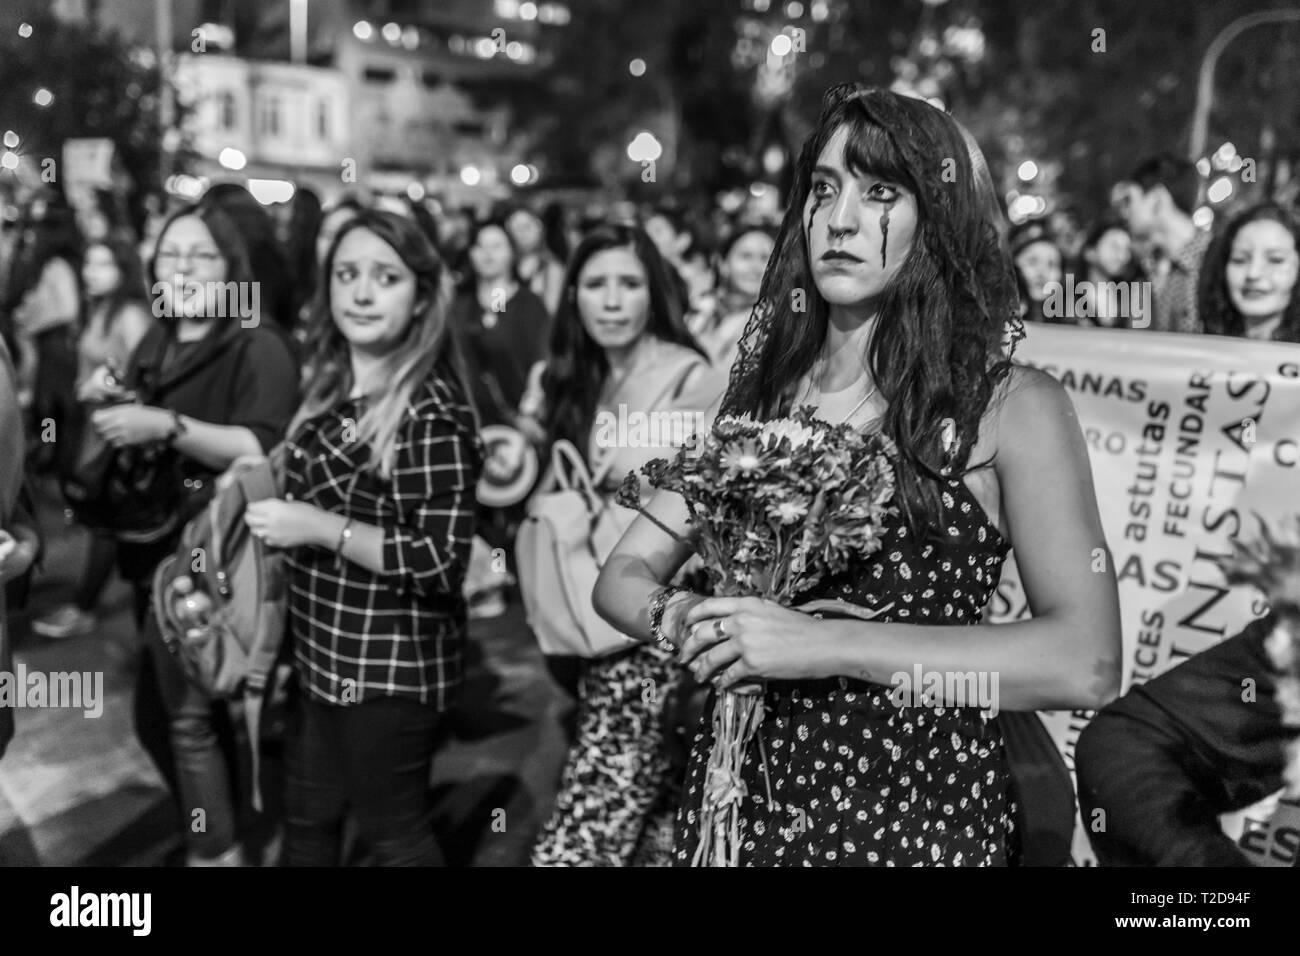 La Giornata internazionale della donna 8 marzo ragazze femminista tribù urbana con la morte i vestiti in costume in occasione della Giornata della donna protesta a Santiago del Cile, city centre street Foto Stock